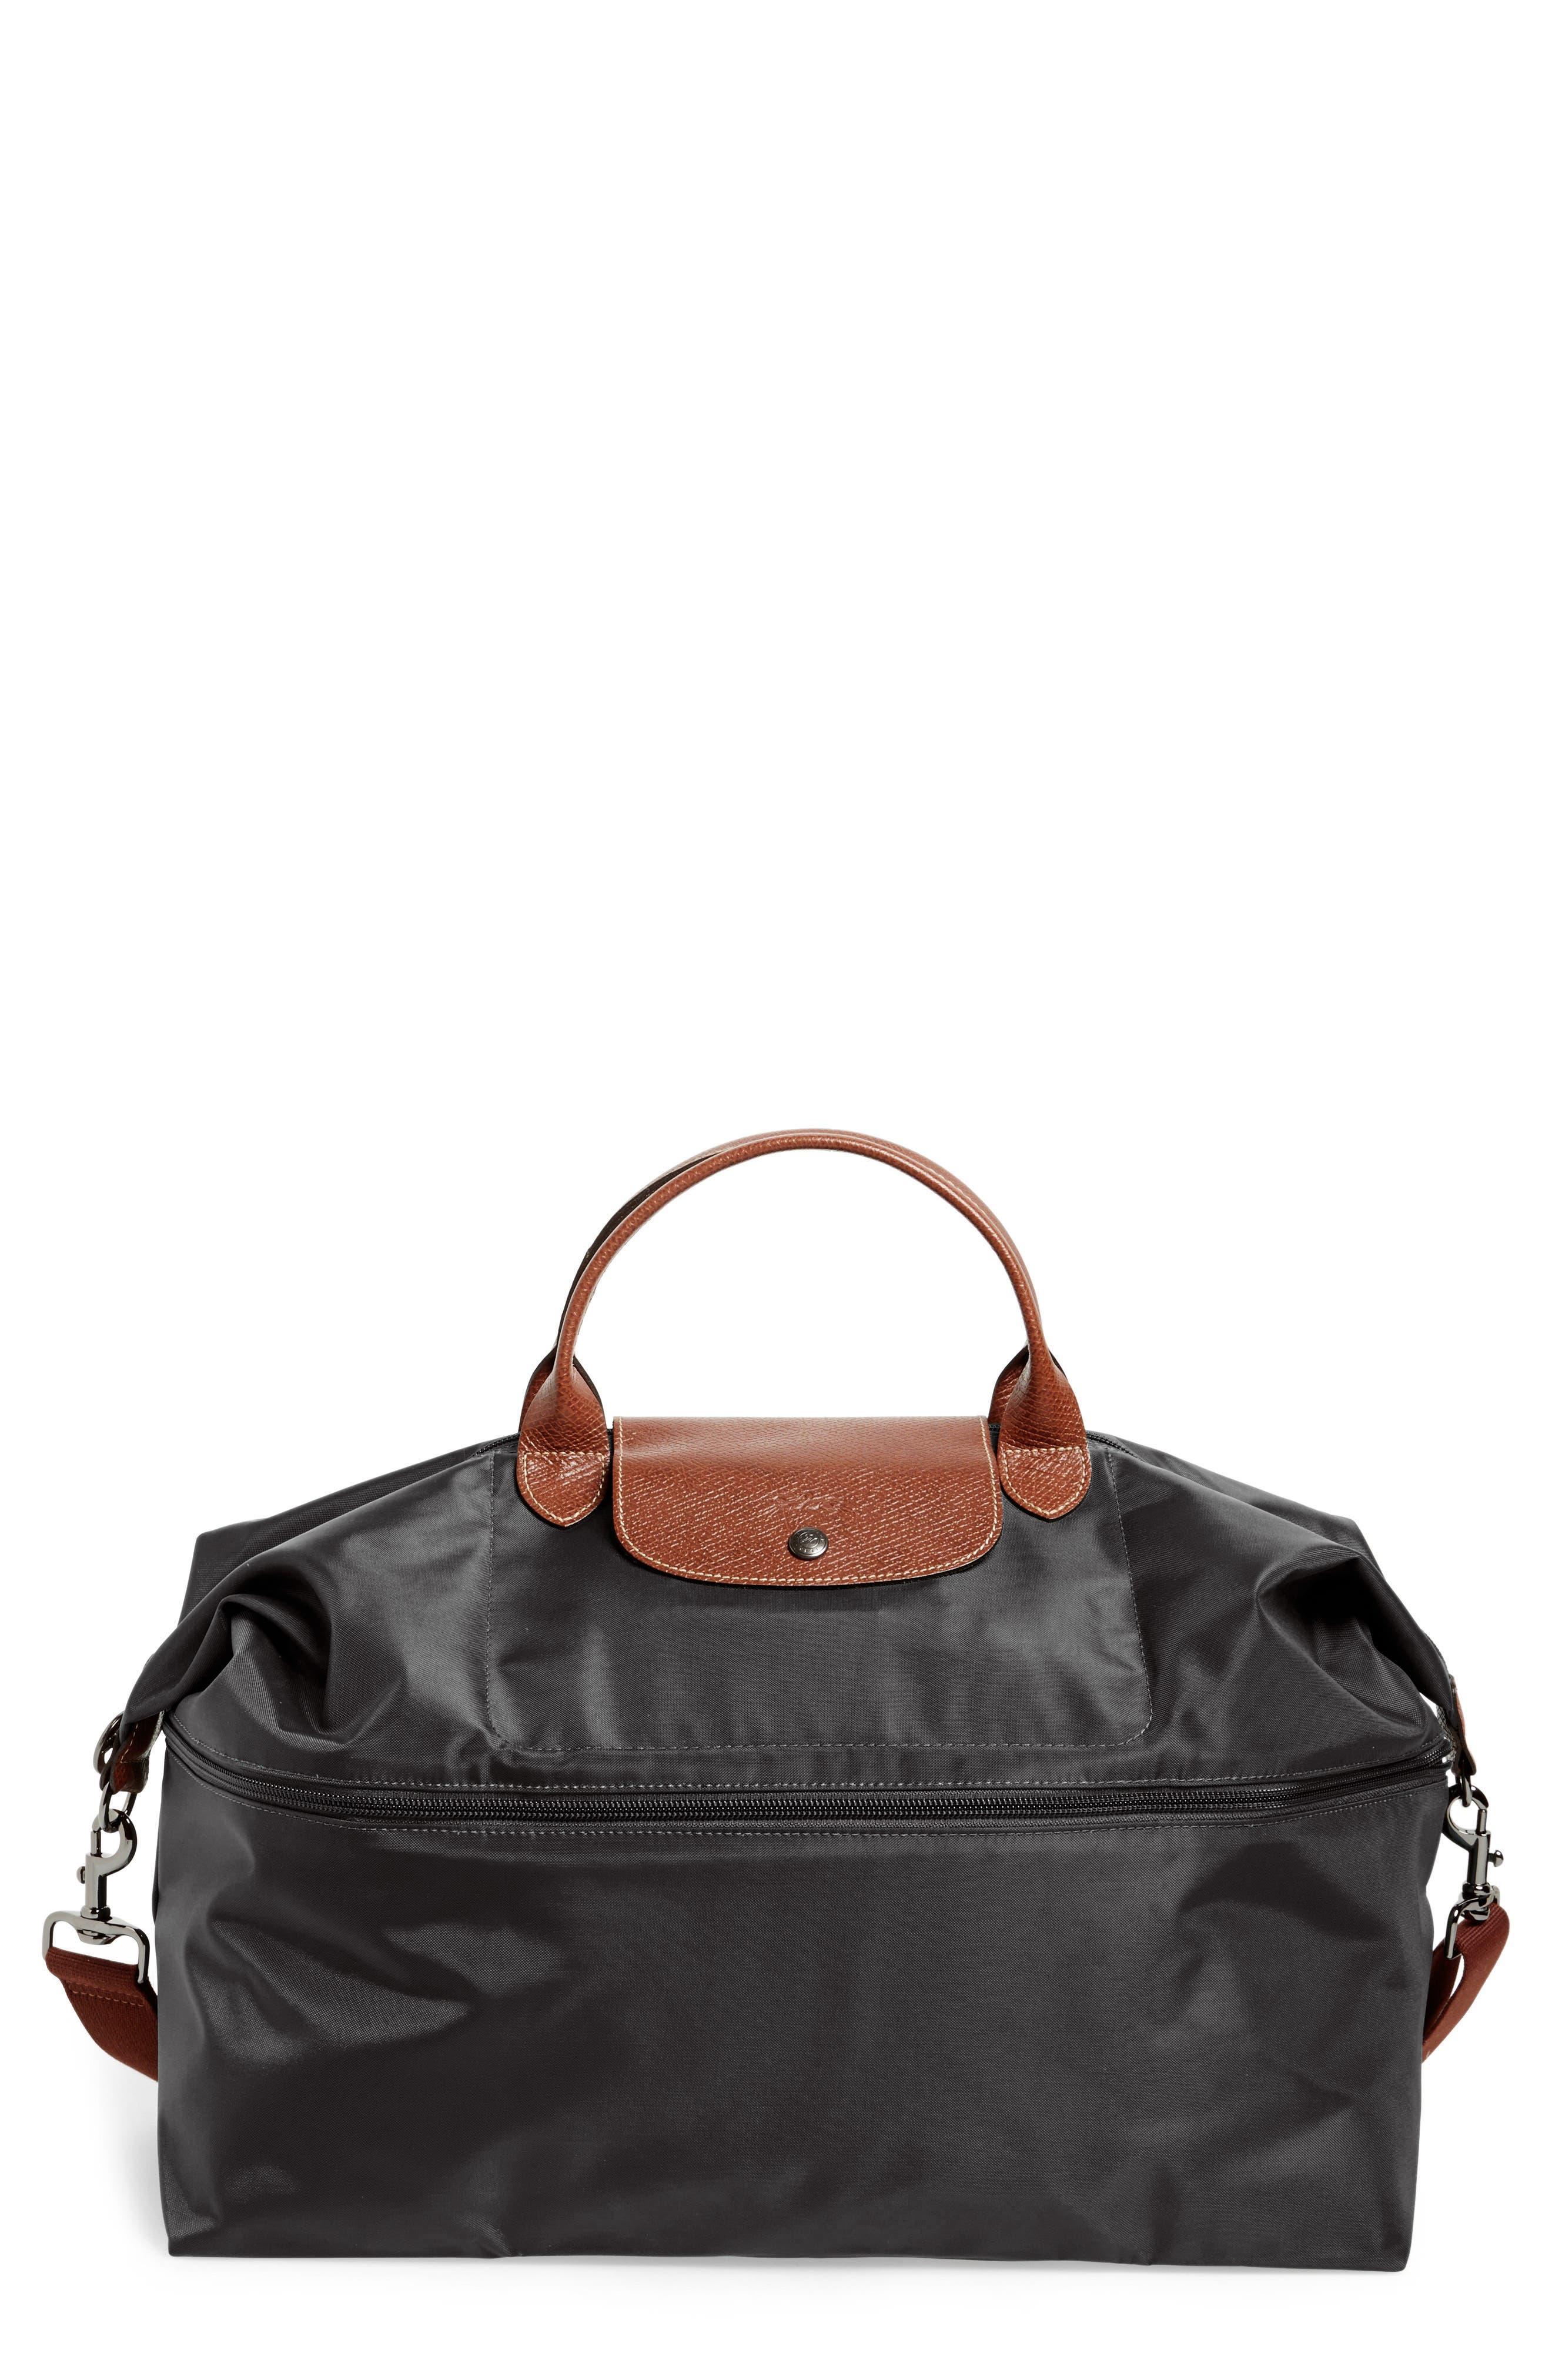 7f13bf2003b2 Luggage   Travel Bags